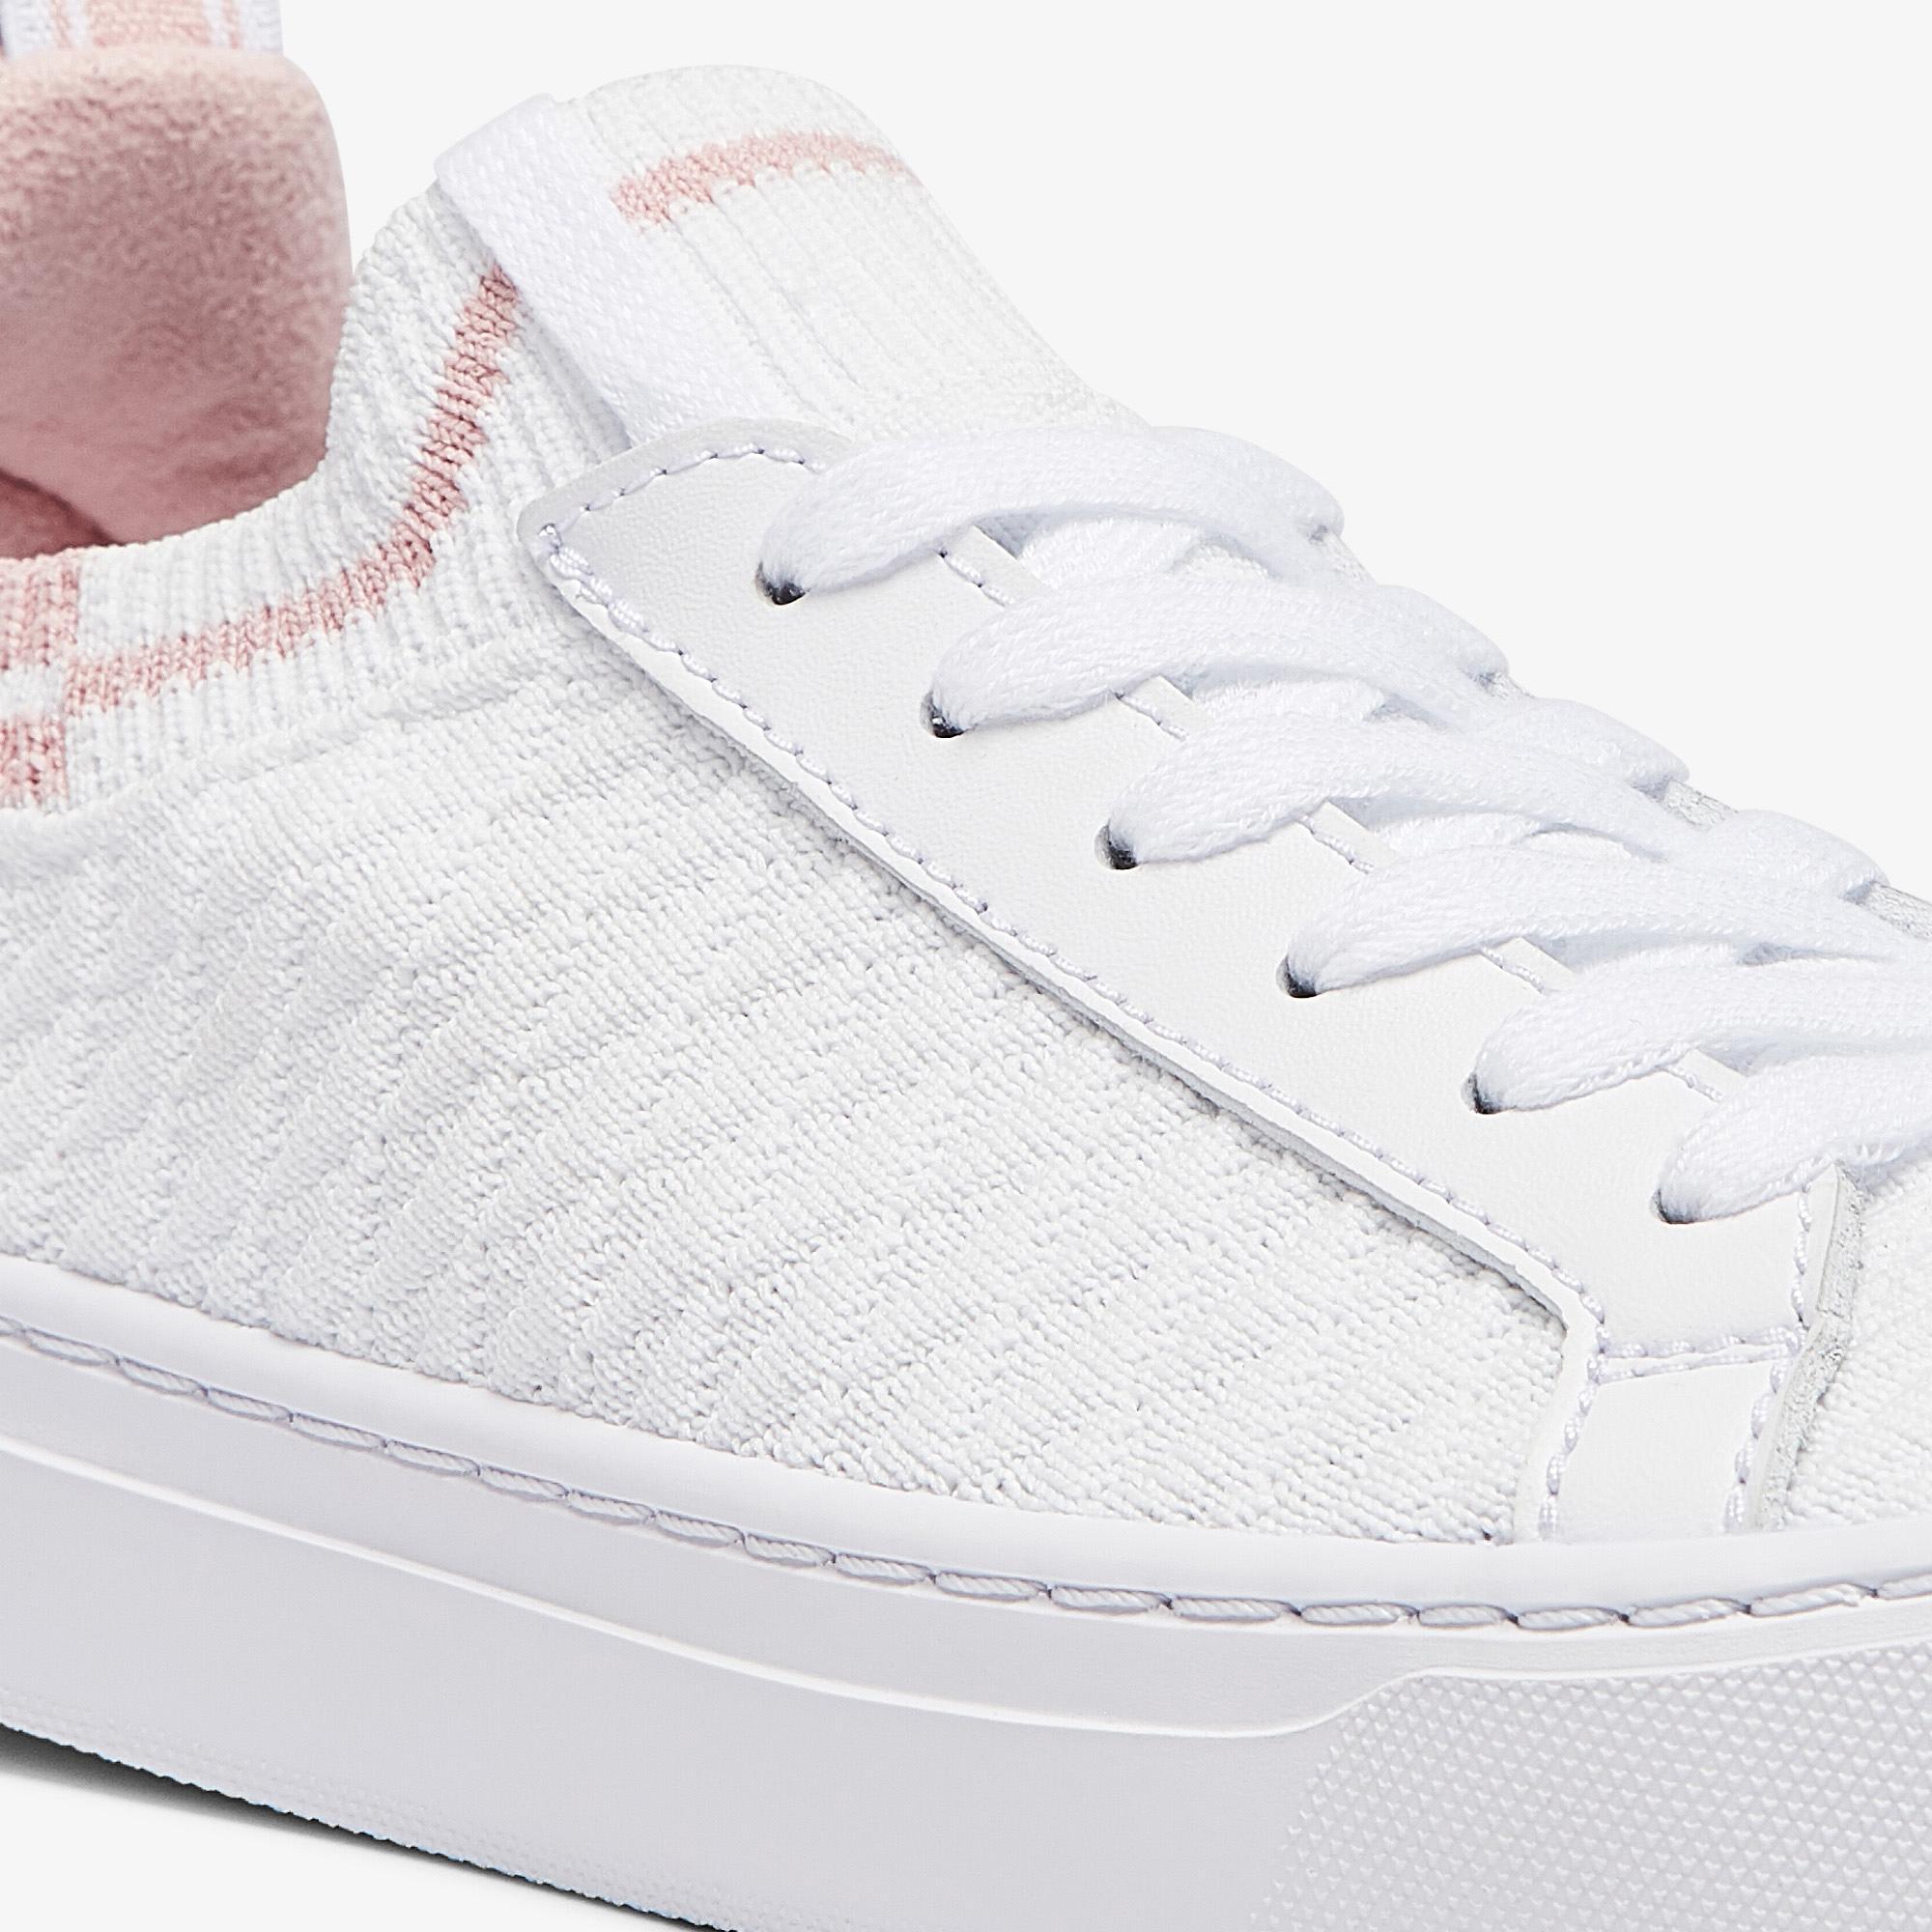 Lacoste Women'S La Pıquee 0721 1 Cfa Shoes